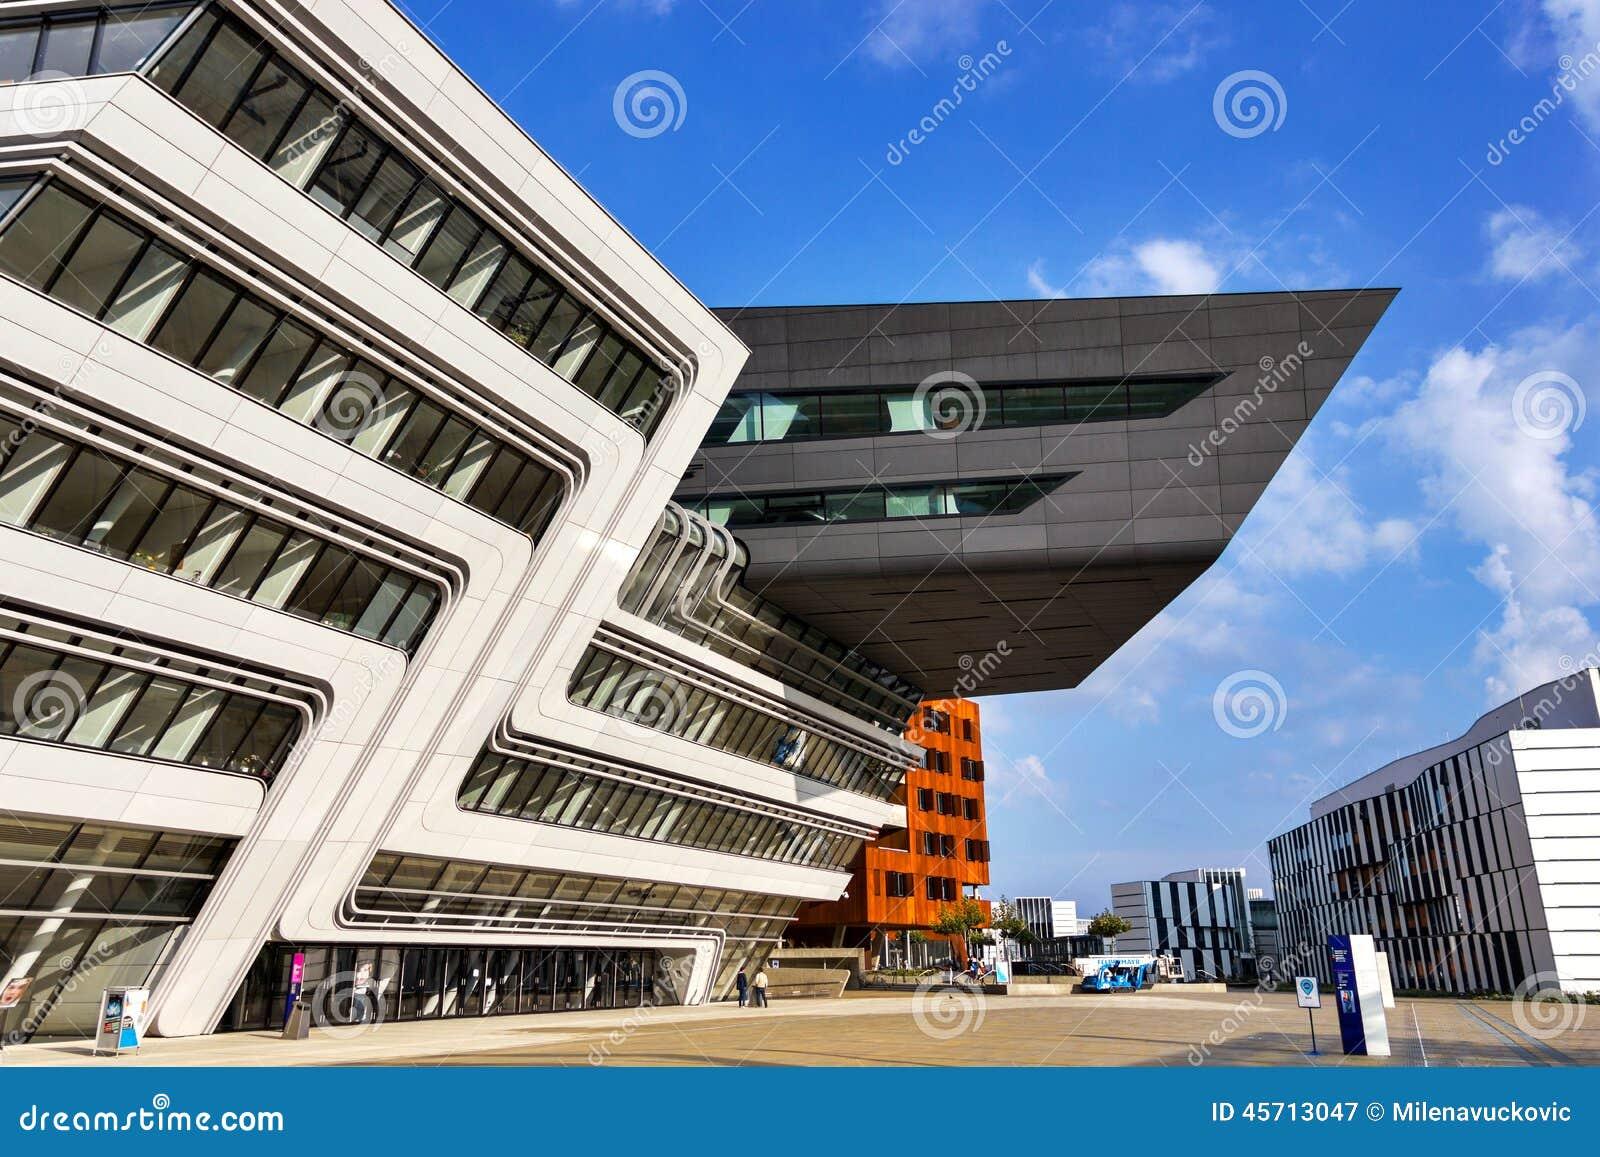 Zaha hadid arquitectura fotograf a editorial imagen de for Arquitectura zaha hadid